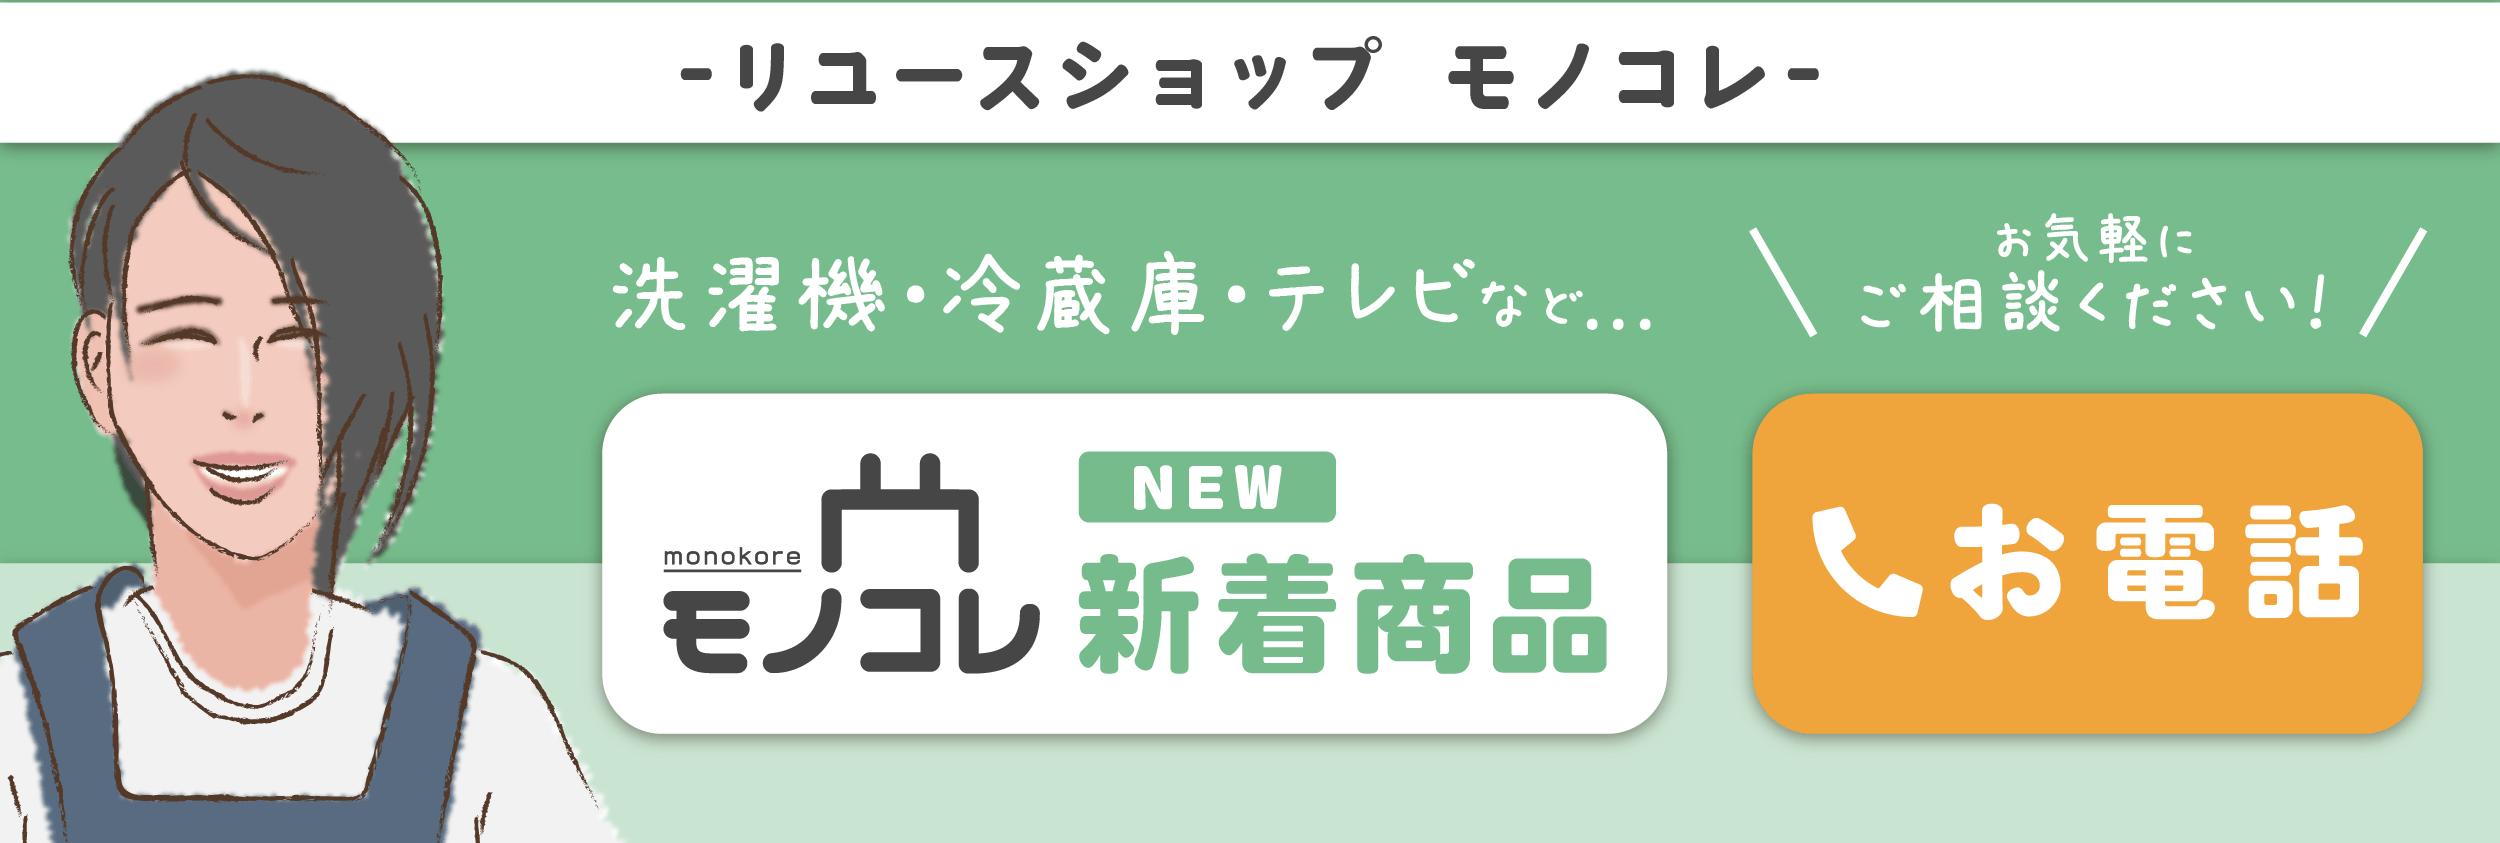 リユースショップモノコレさま LINEリッチメニュー